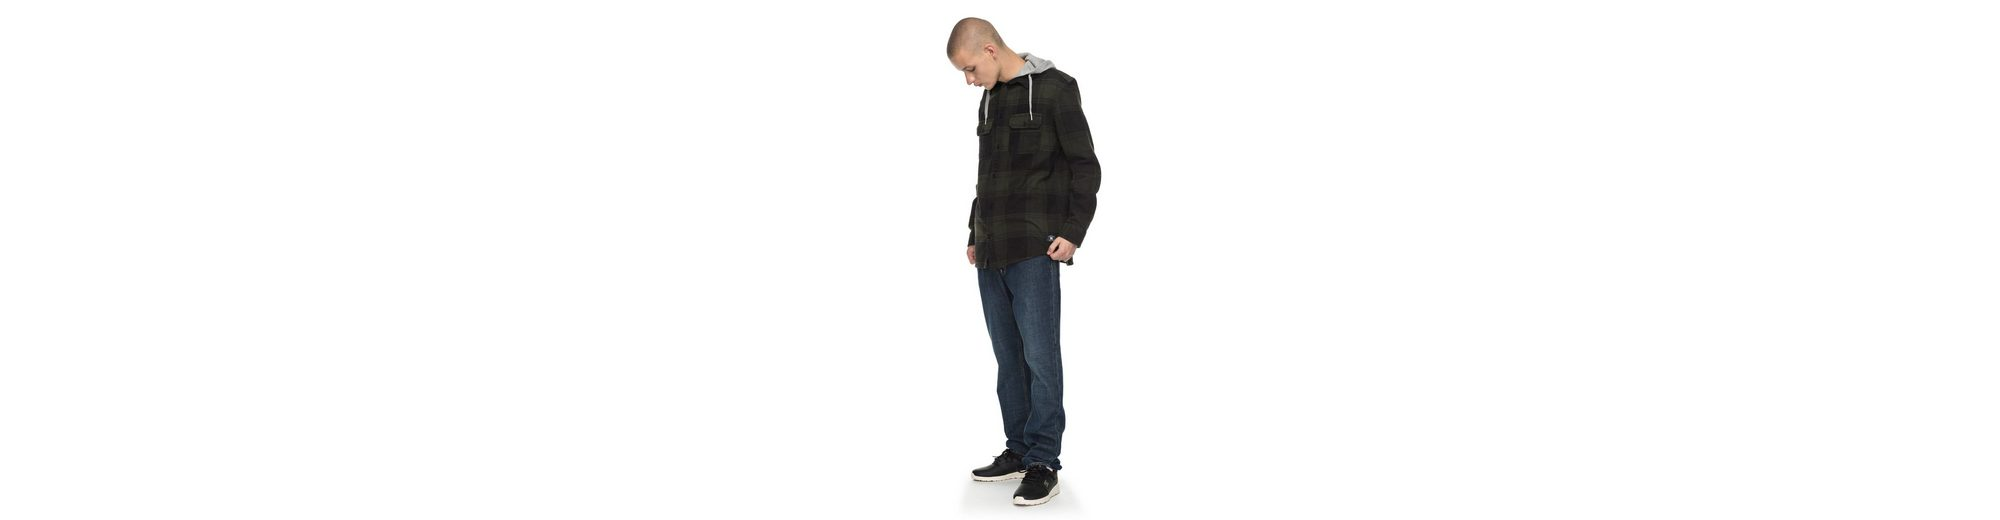 DC Shoes Langarm-Hemd mit Kapuze Runnel Flannel Äußerst Billig Offiziellen Rabatt Amazon Original- EWVYtvwyt